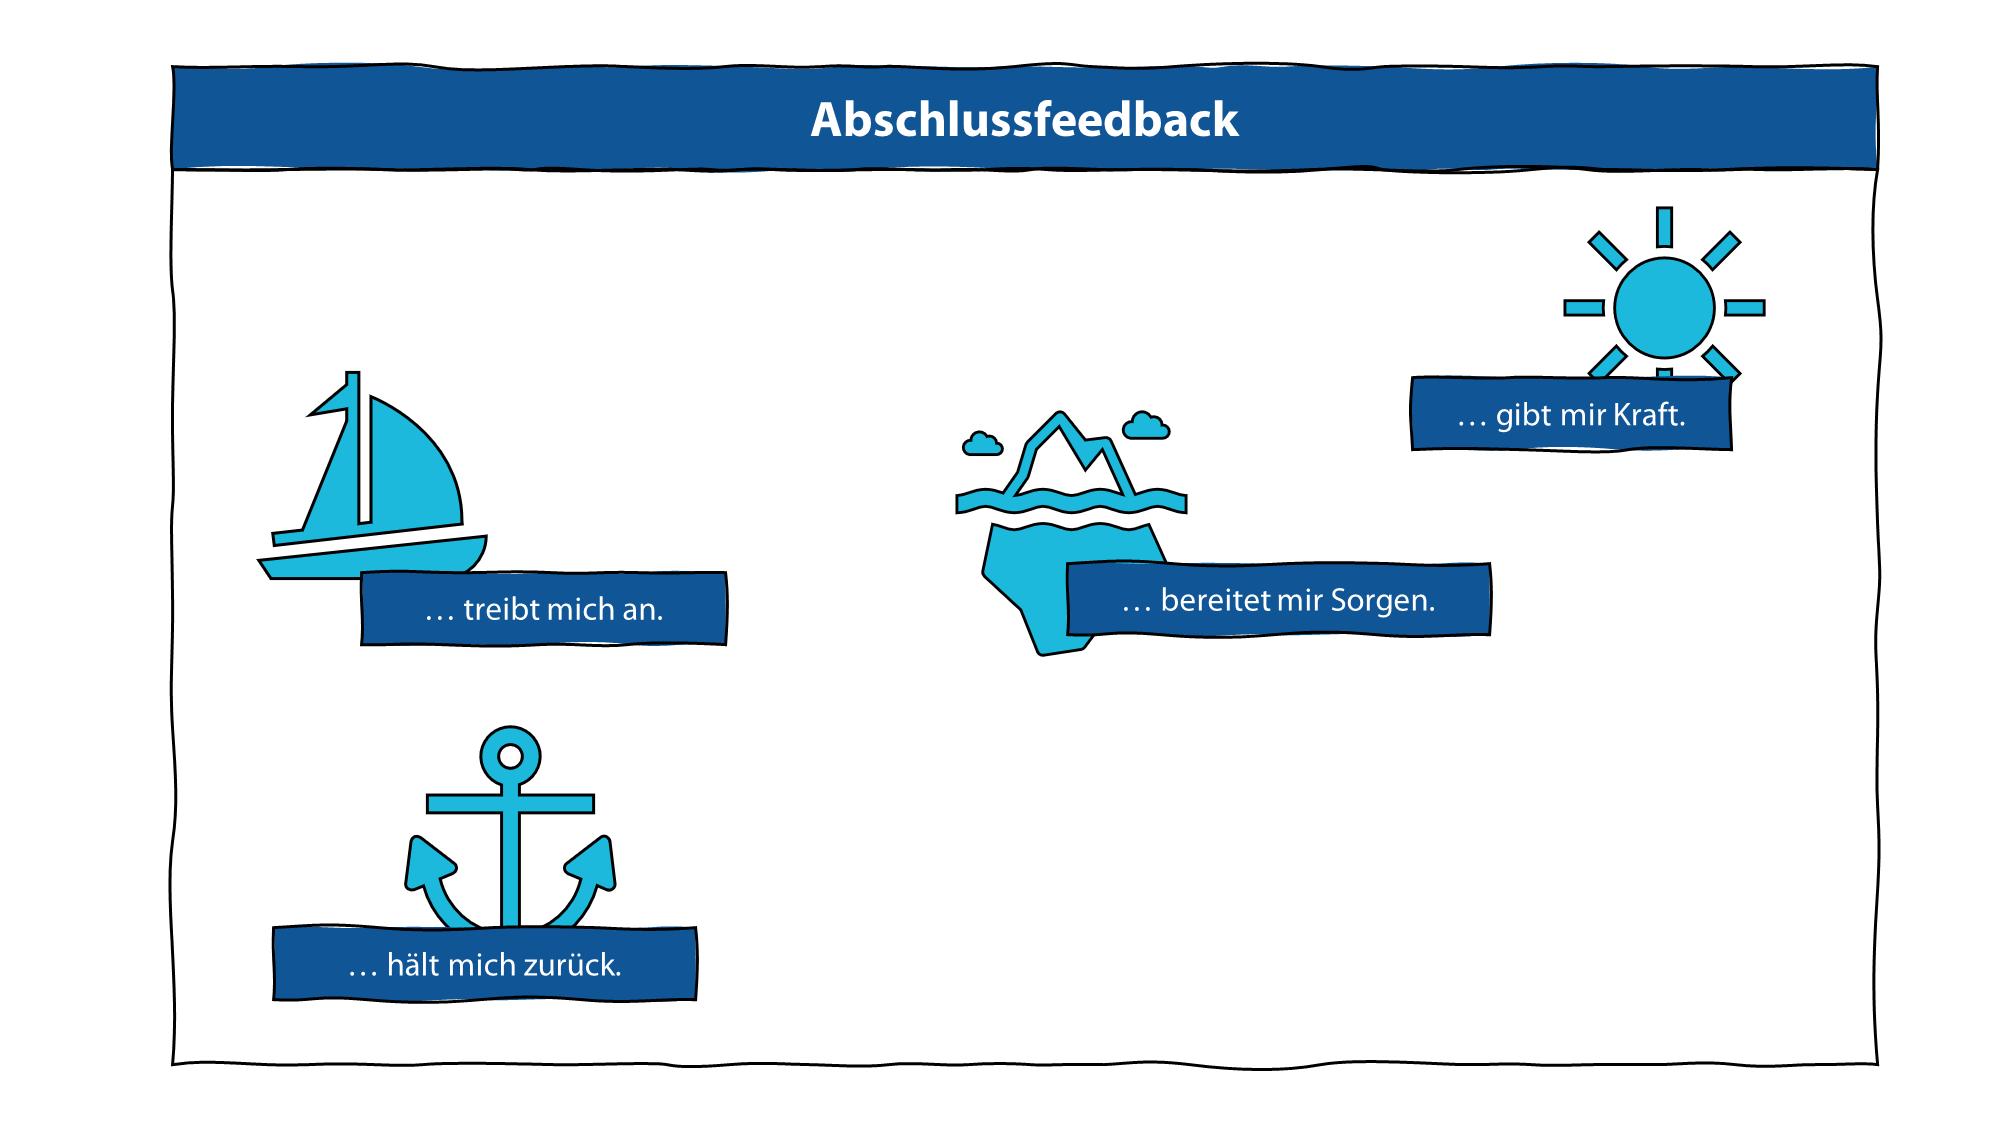 Schritt 9: Als Abschlussfeedback kann eine See-Metapher Anwendung finden.